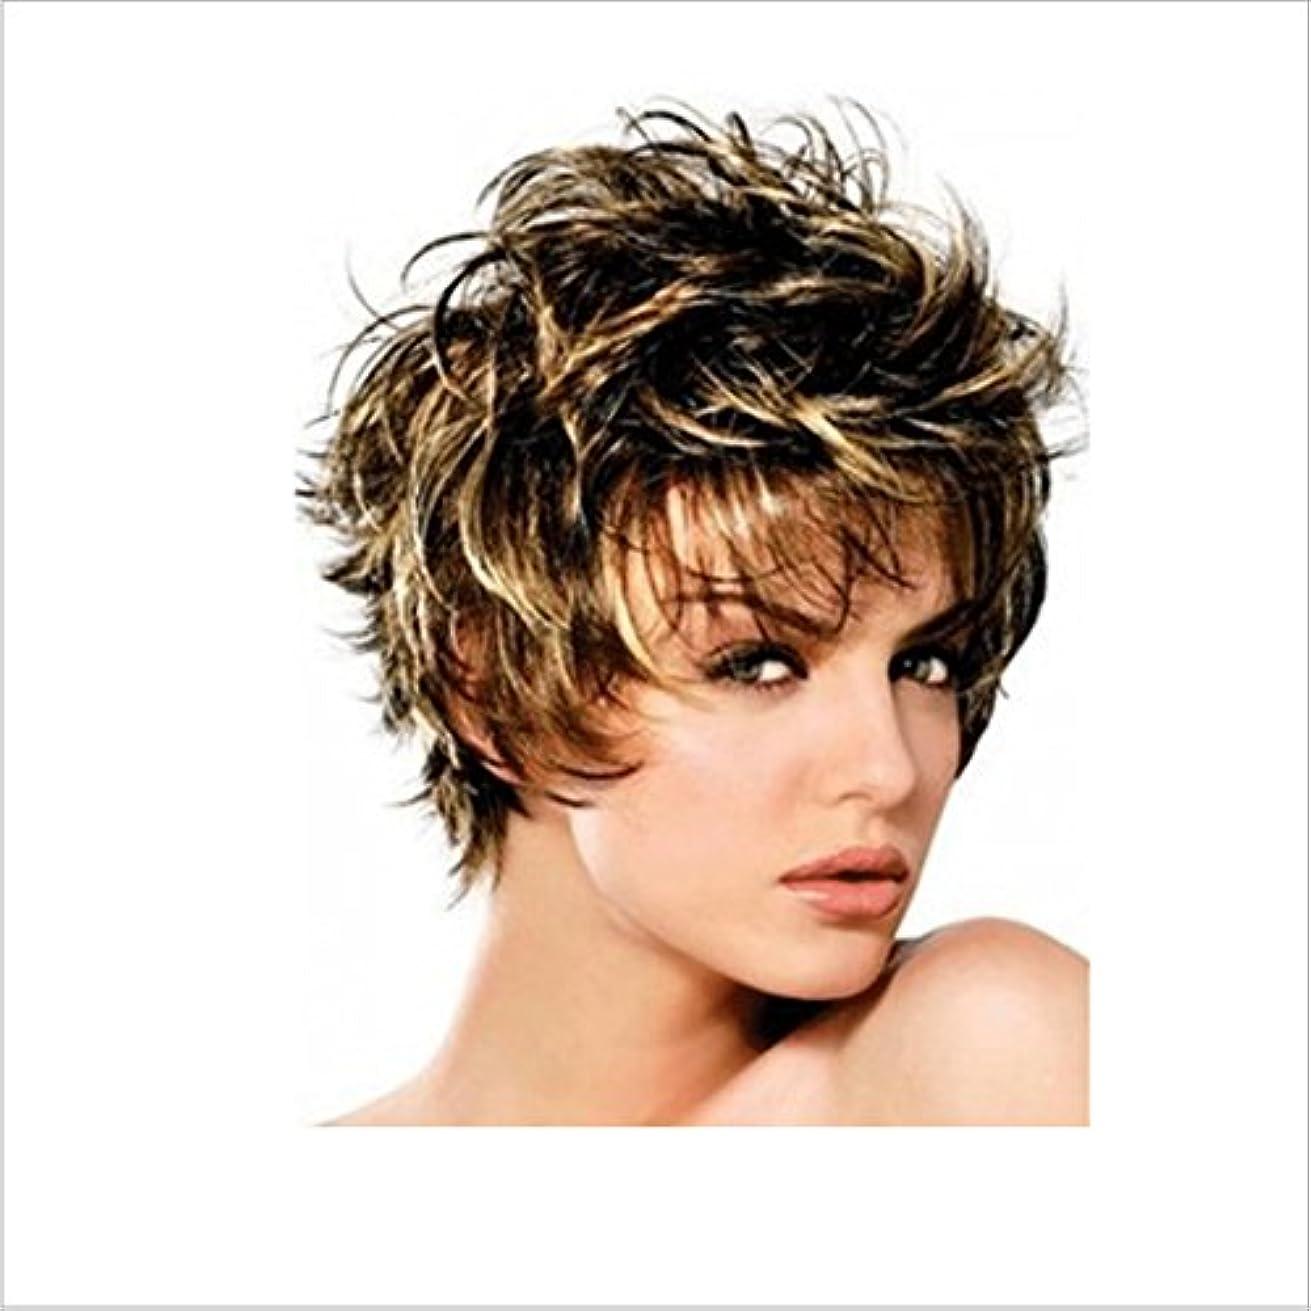 予感めんどり革新かつら ボボかつら女性用耐熱ウィッグ12インチ/ 9インチ短いテクスチャ部分的なかつら部分的なかつら前髪かつらファッションかつら (色 : Inter-color gold brown silver)